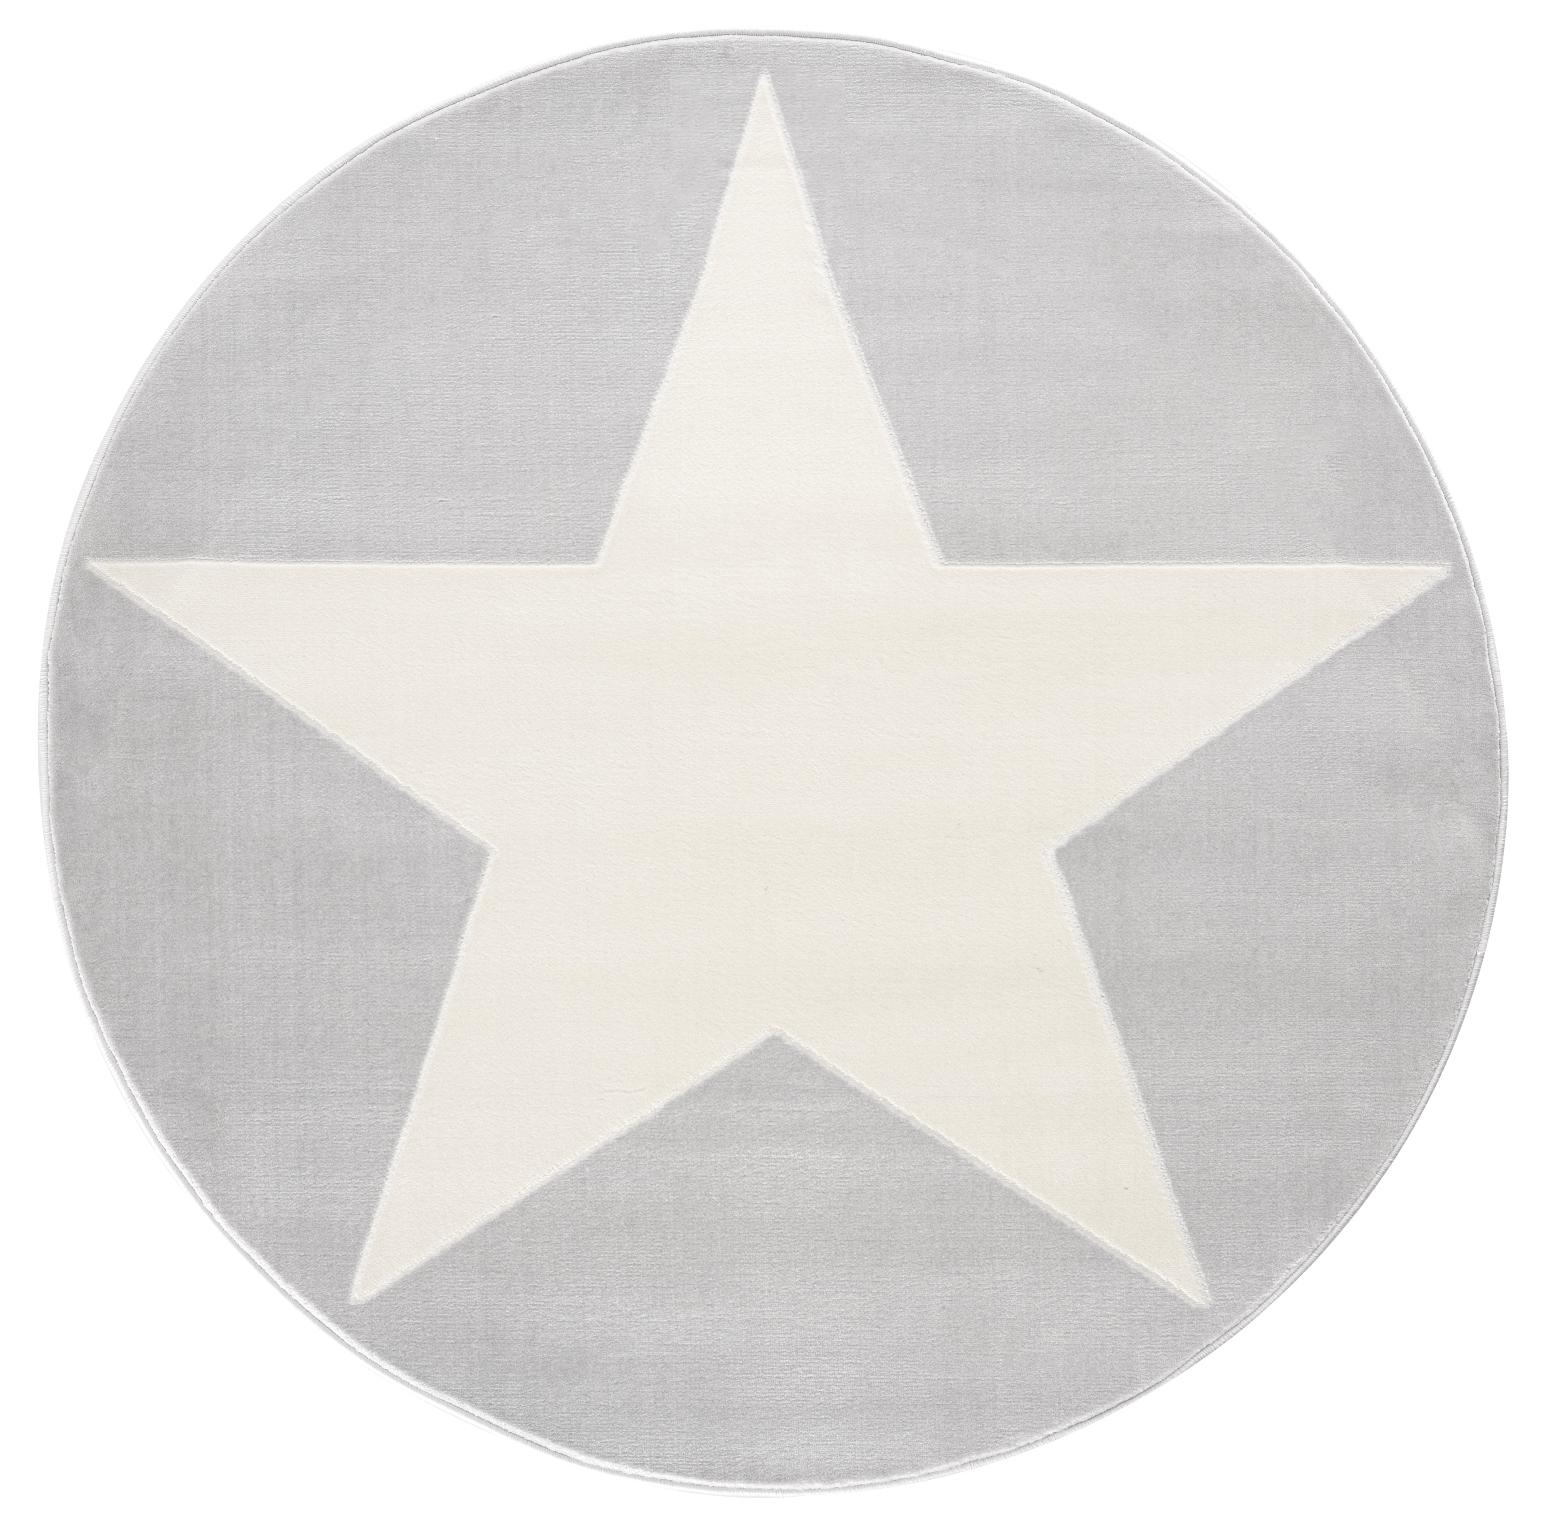 Dětský koberec hvězda - šedá/bílá 160cm